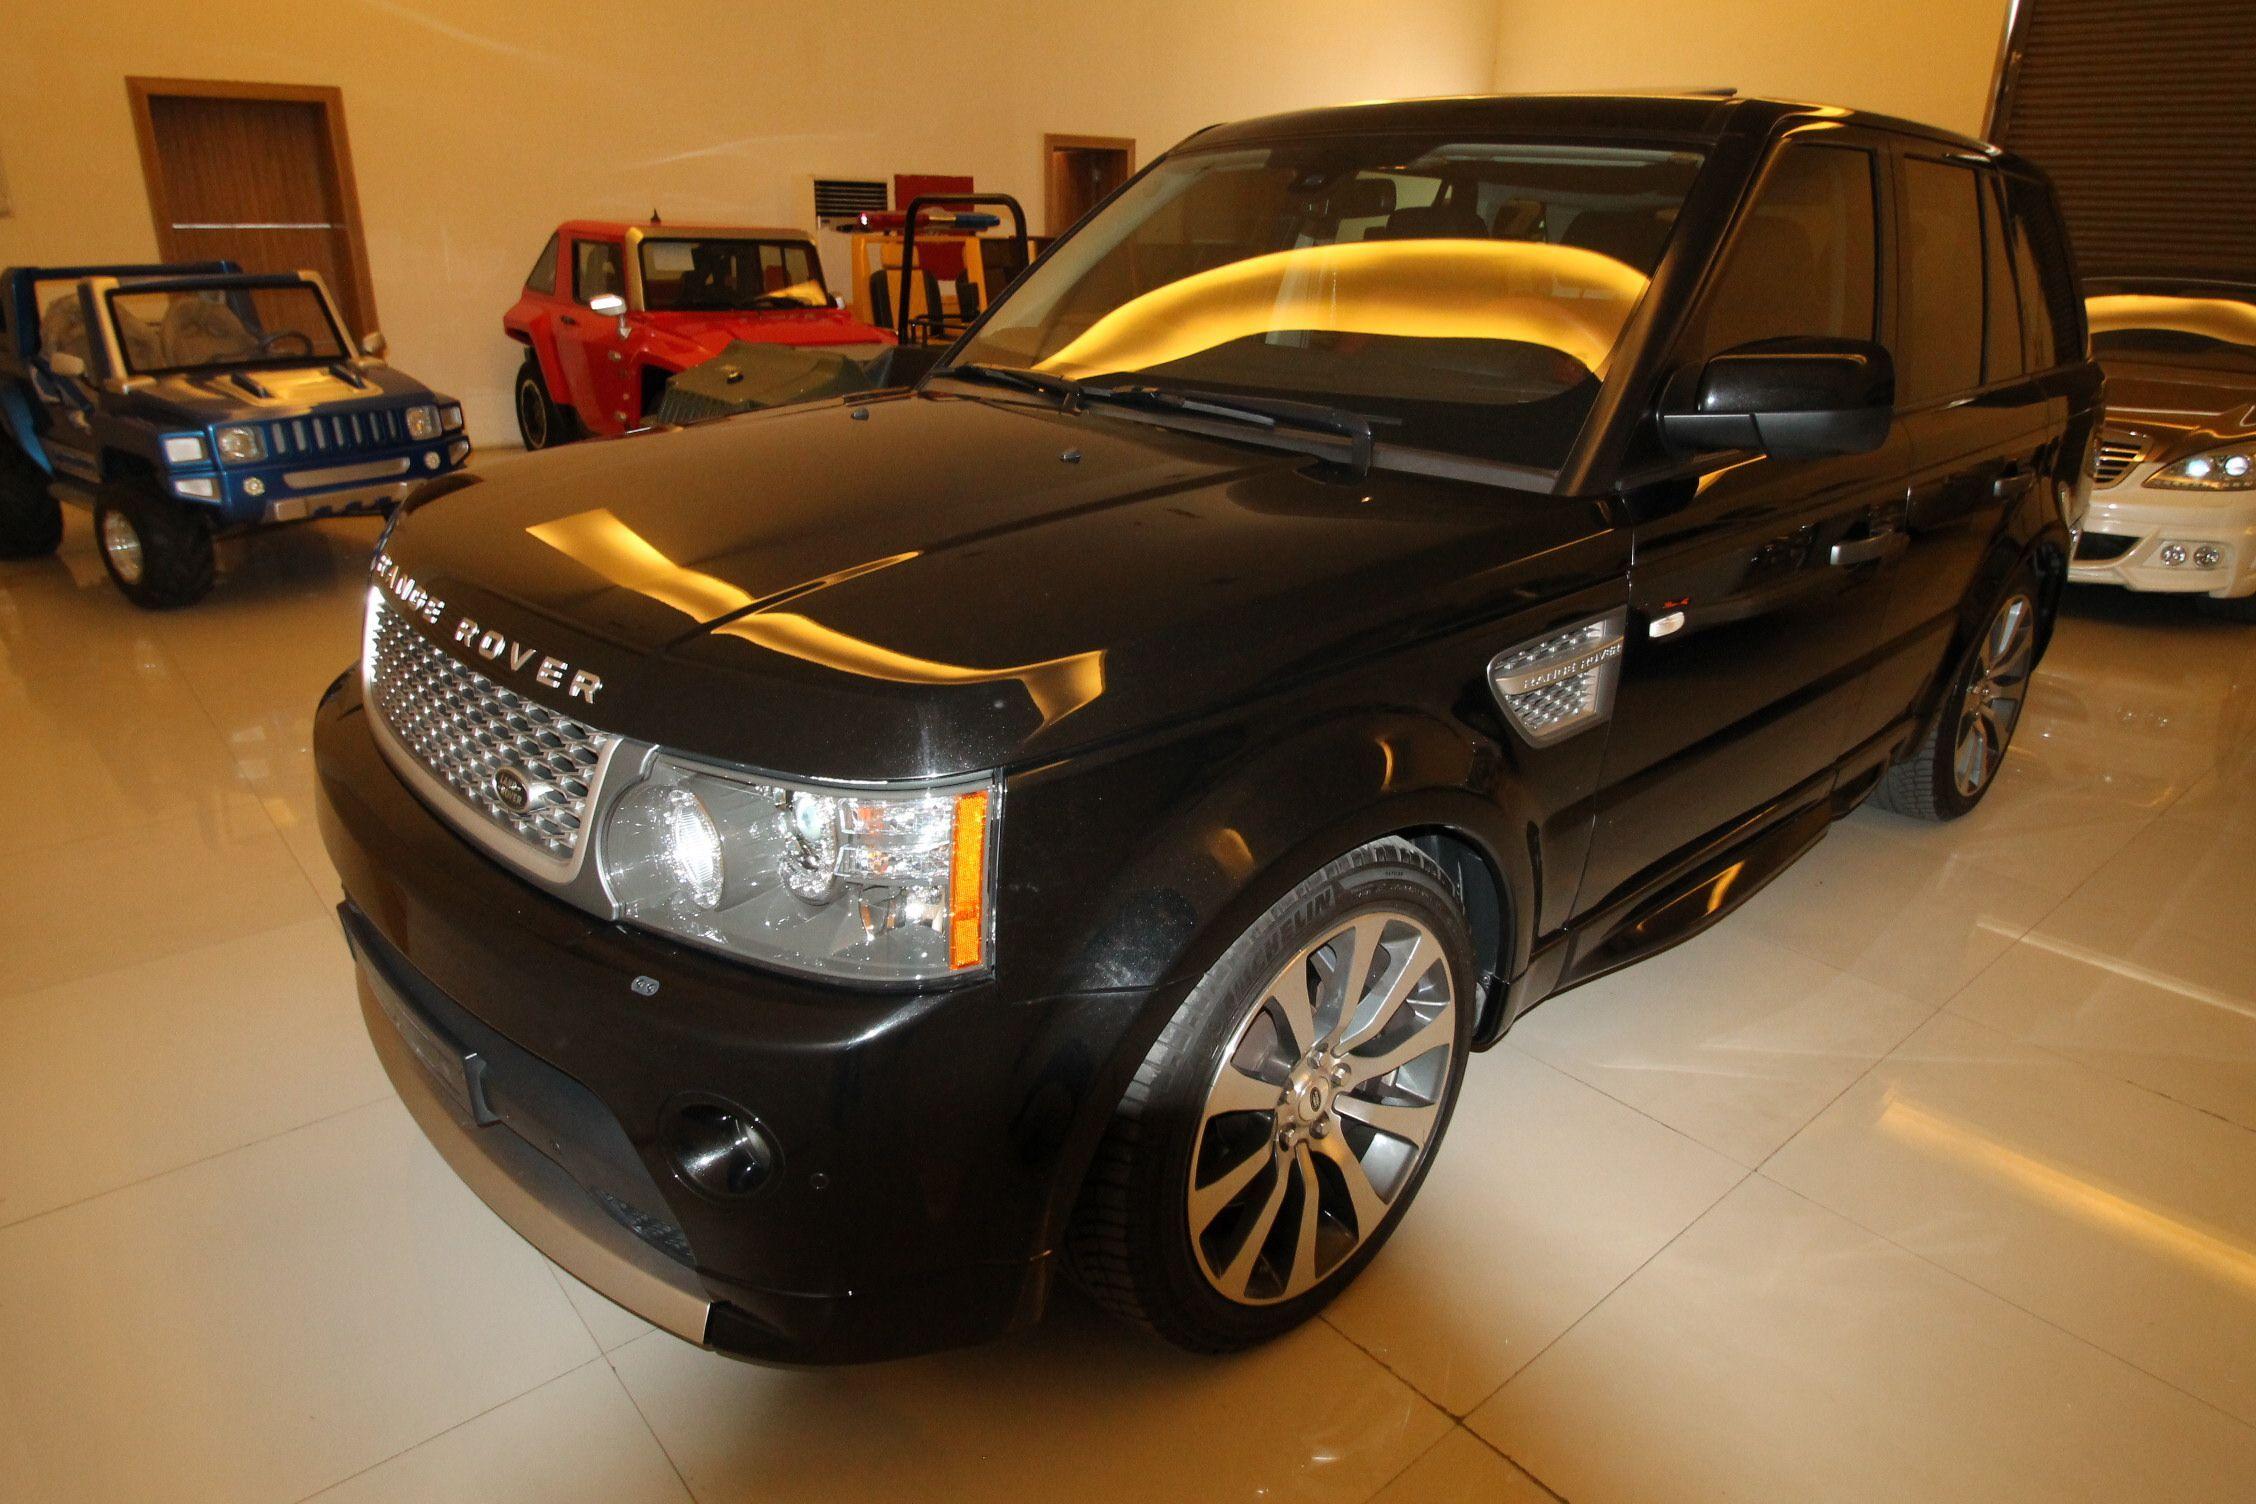 Land Rover Range Rover Sport For Sale in Jeddah Range